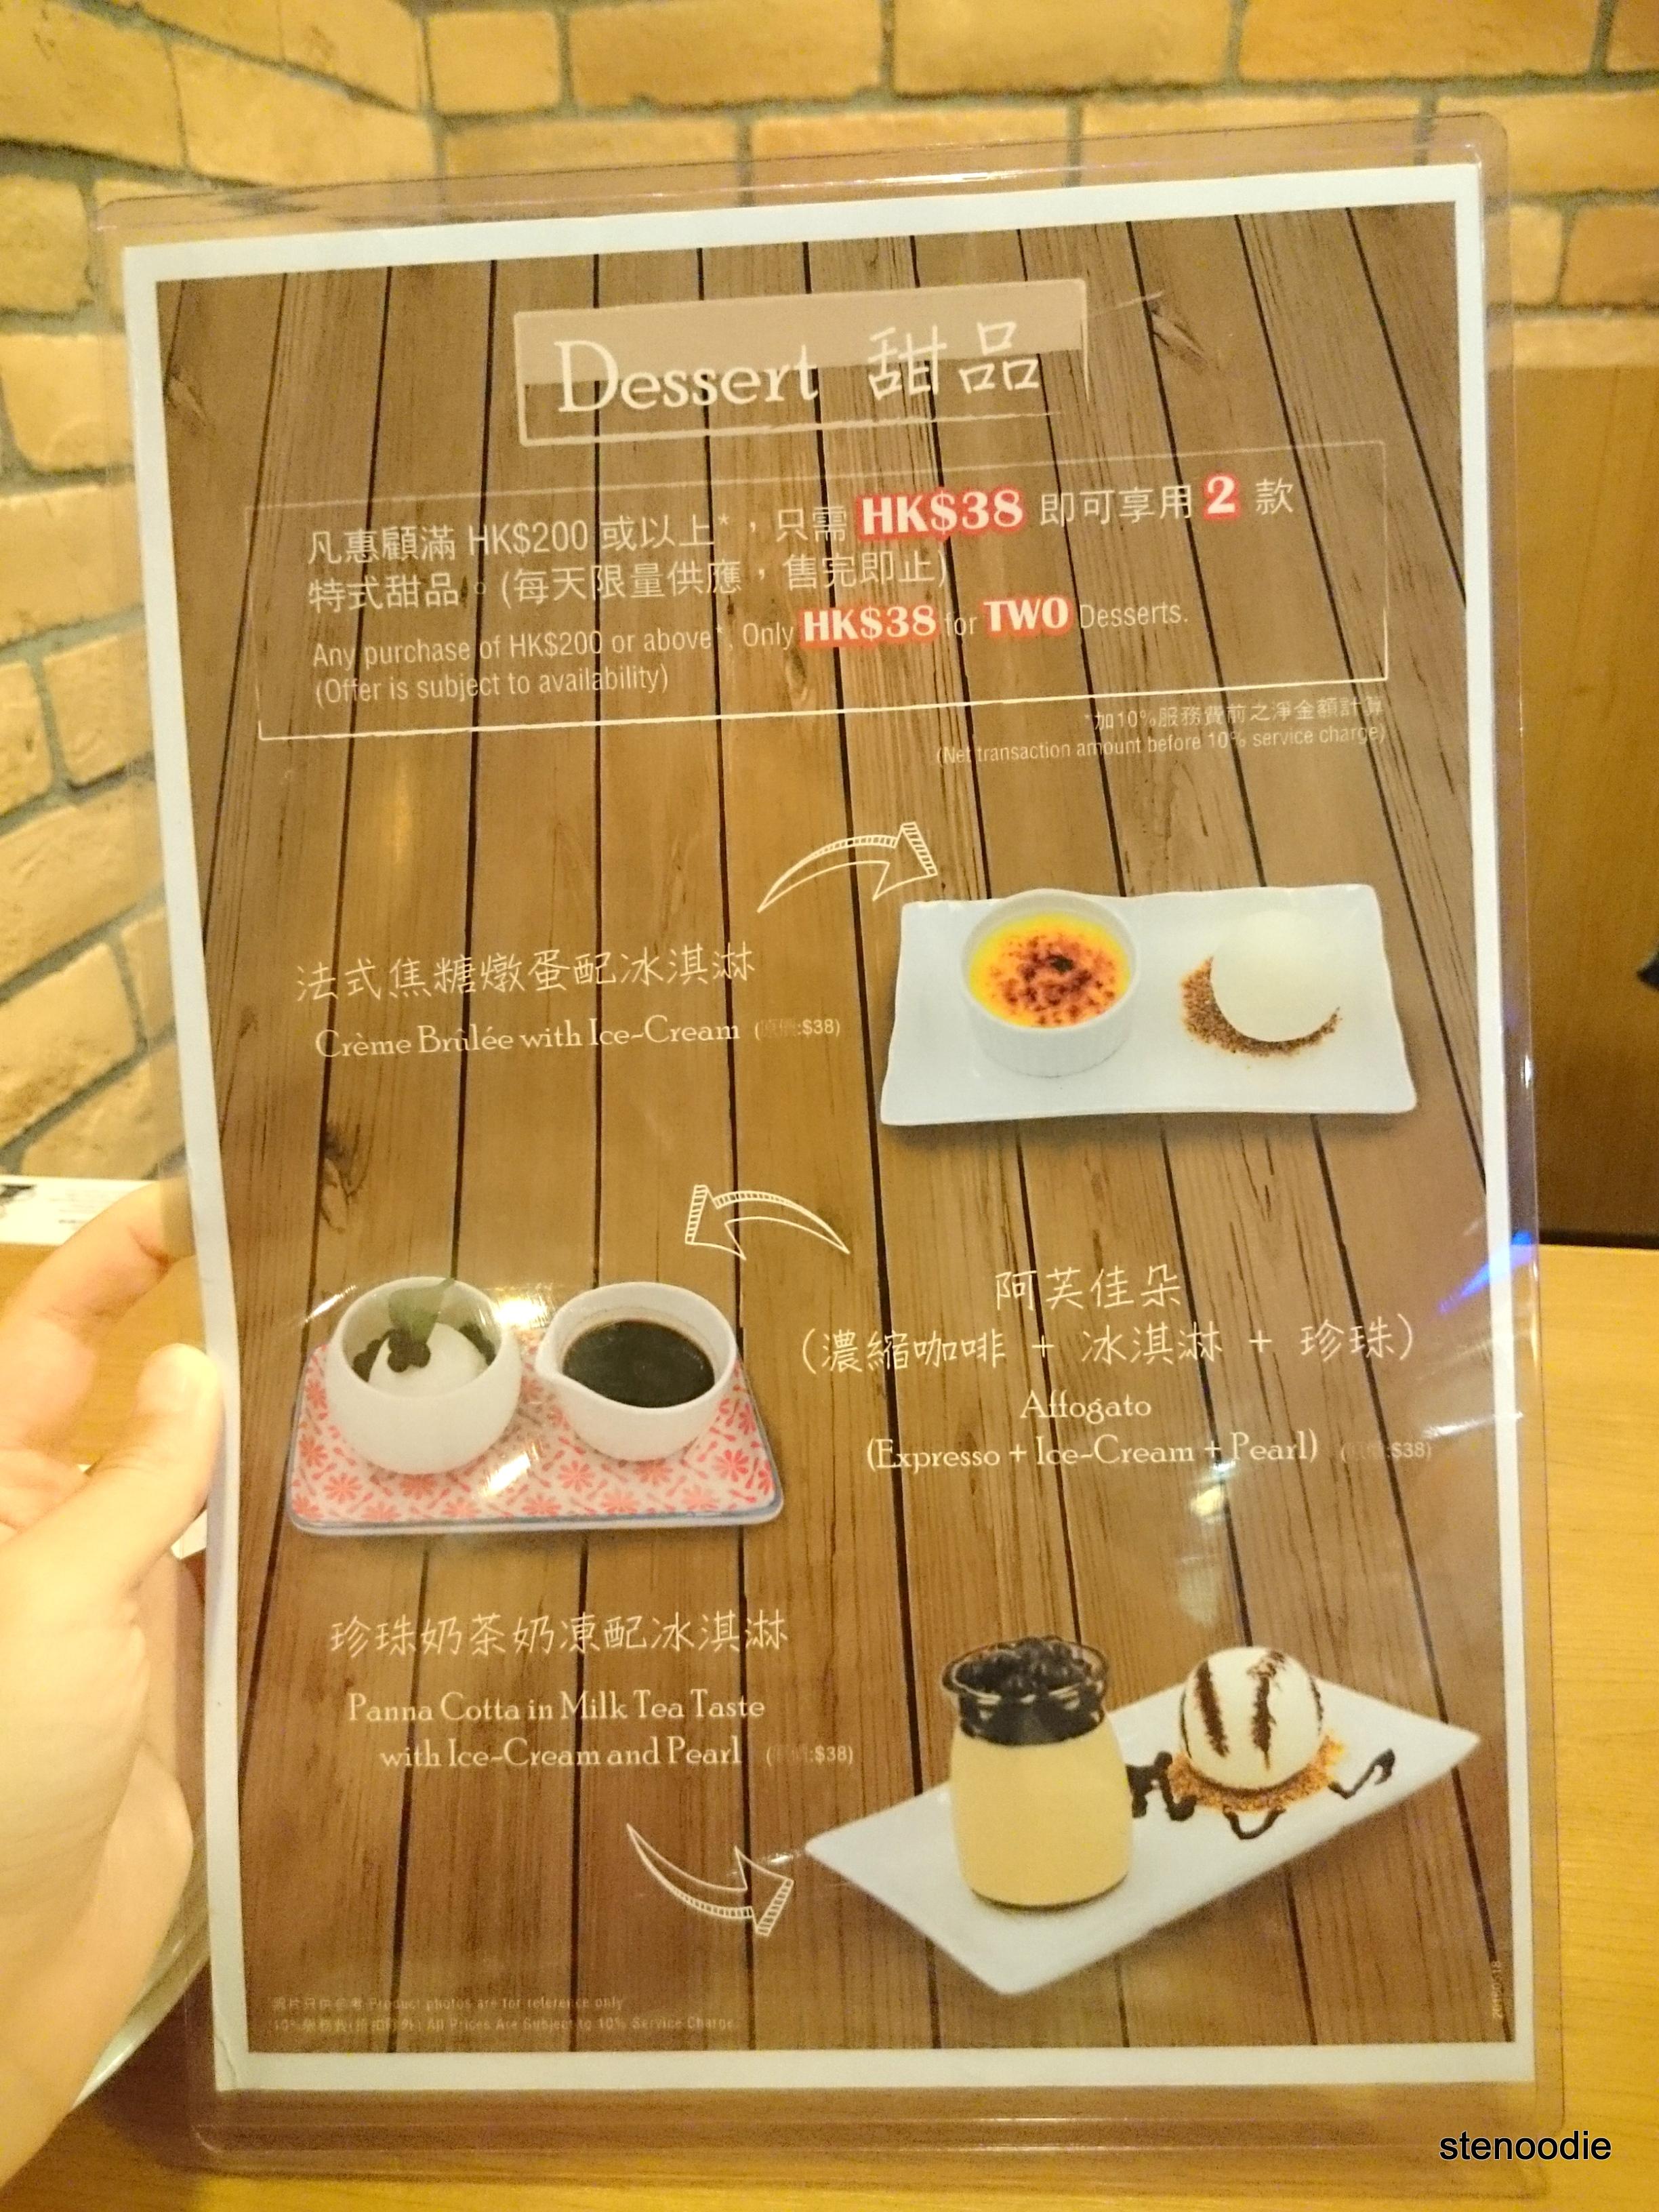 Tino's Pizza Café dessert menu